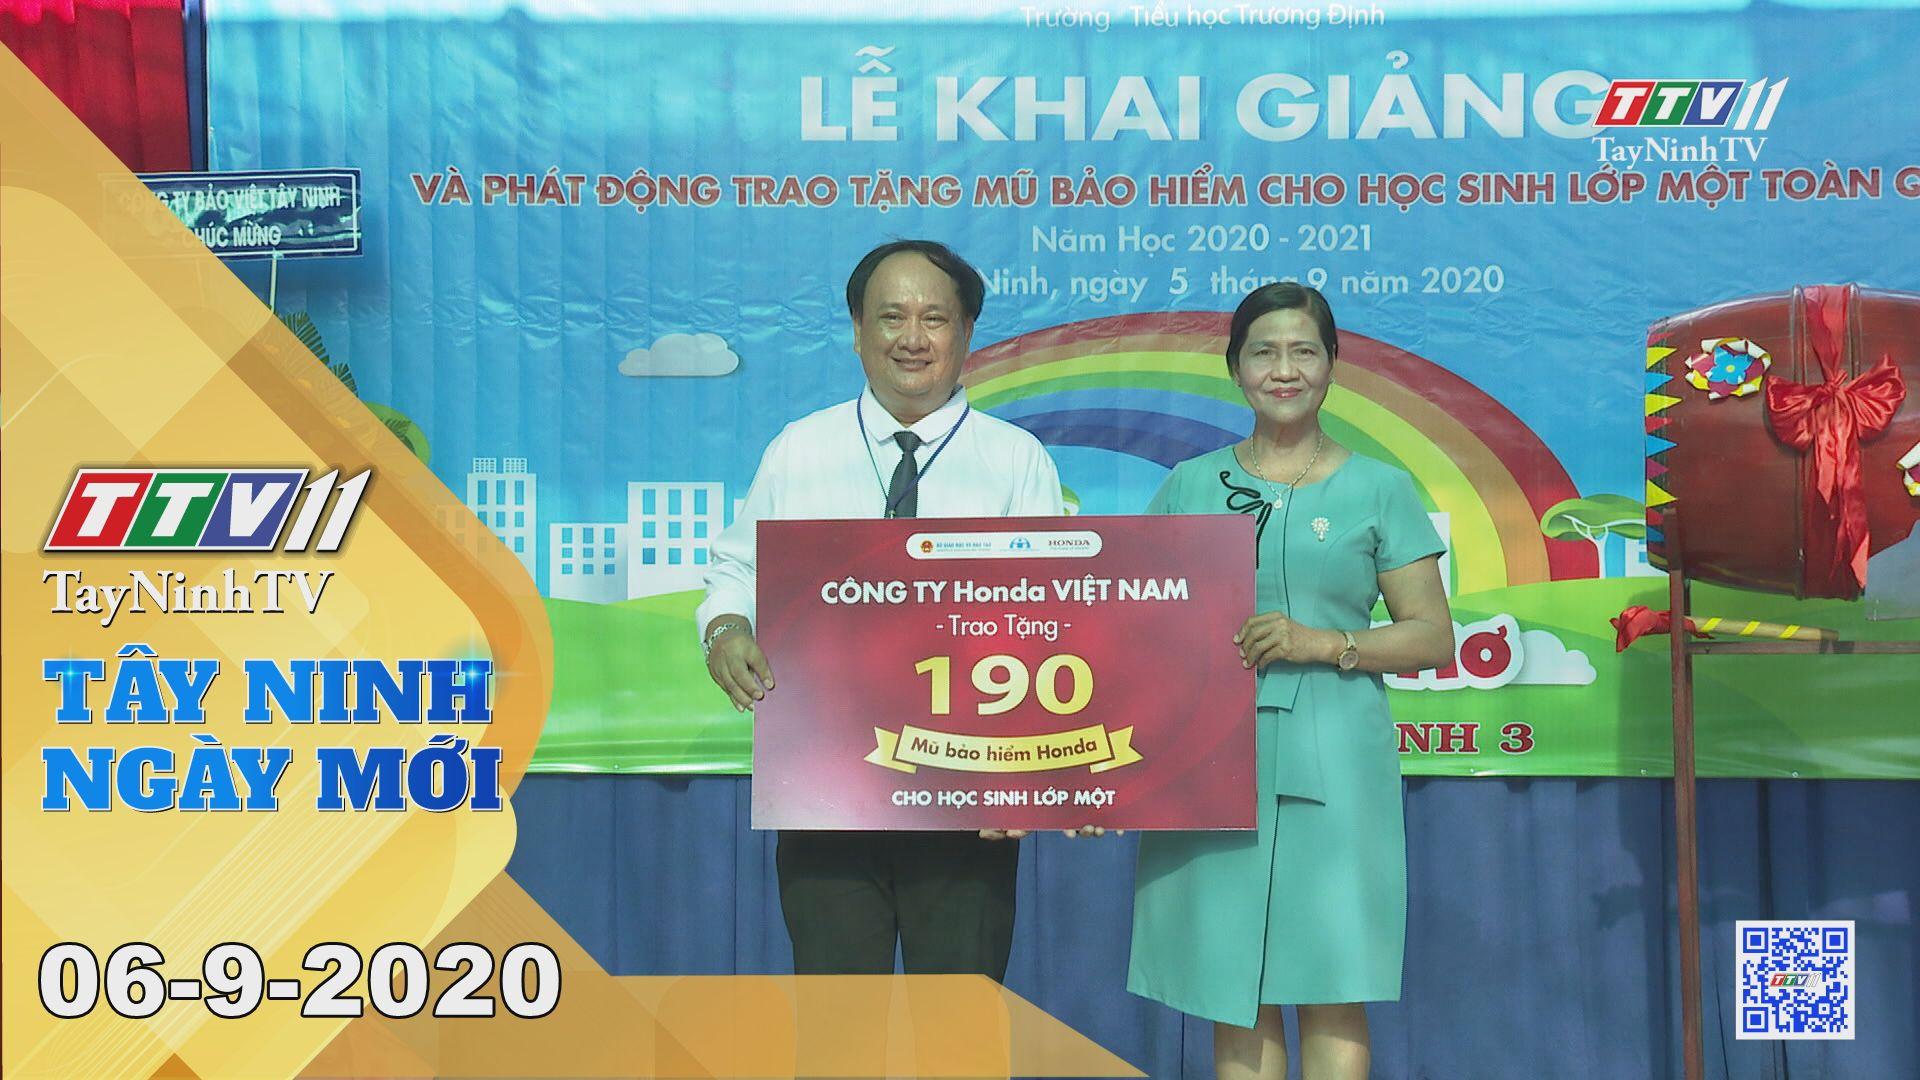 Tây Ninh Ngày Mới 06-9-2020 | Tin tức hôm nay | TayNinhTV